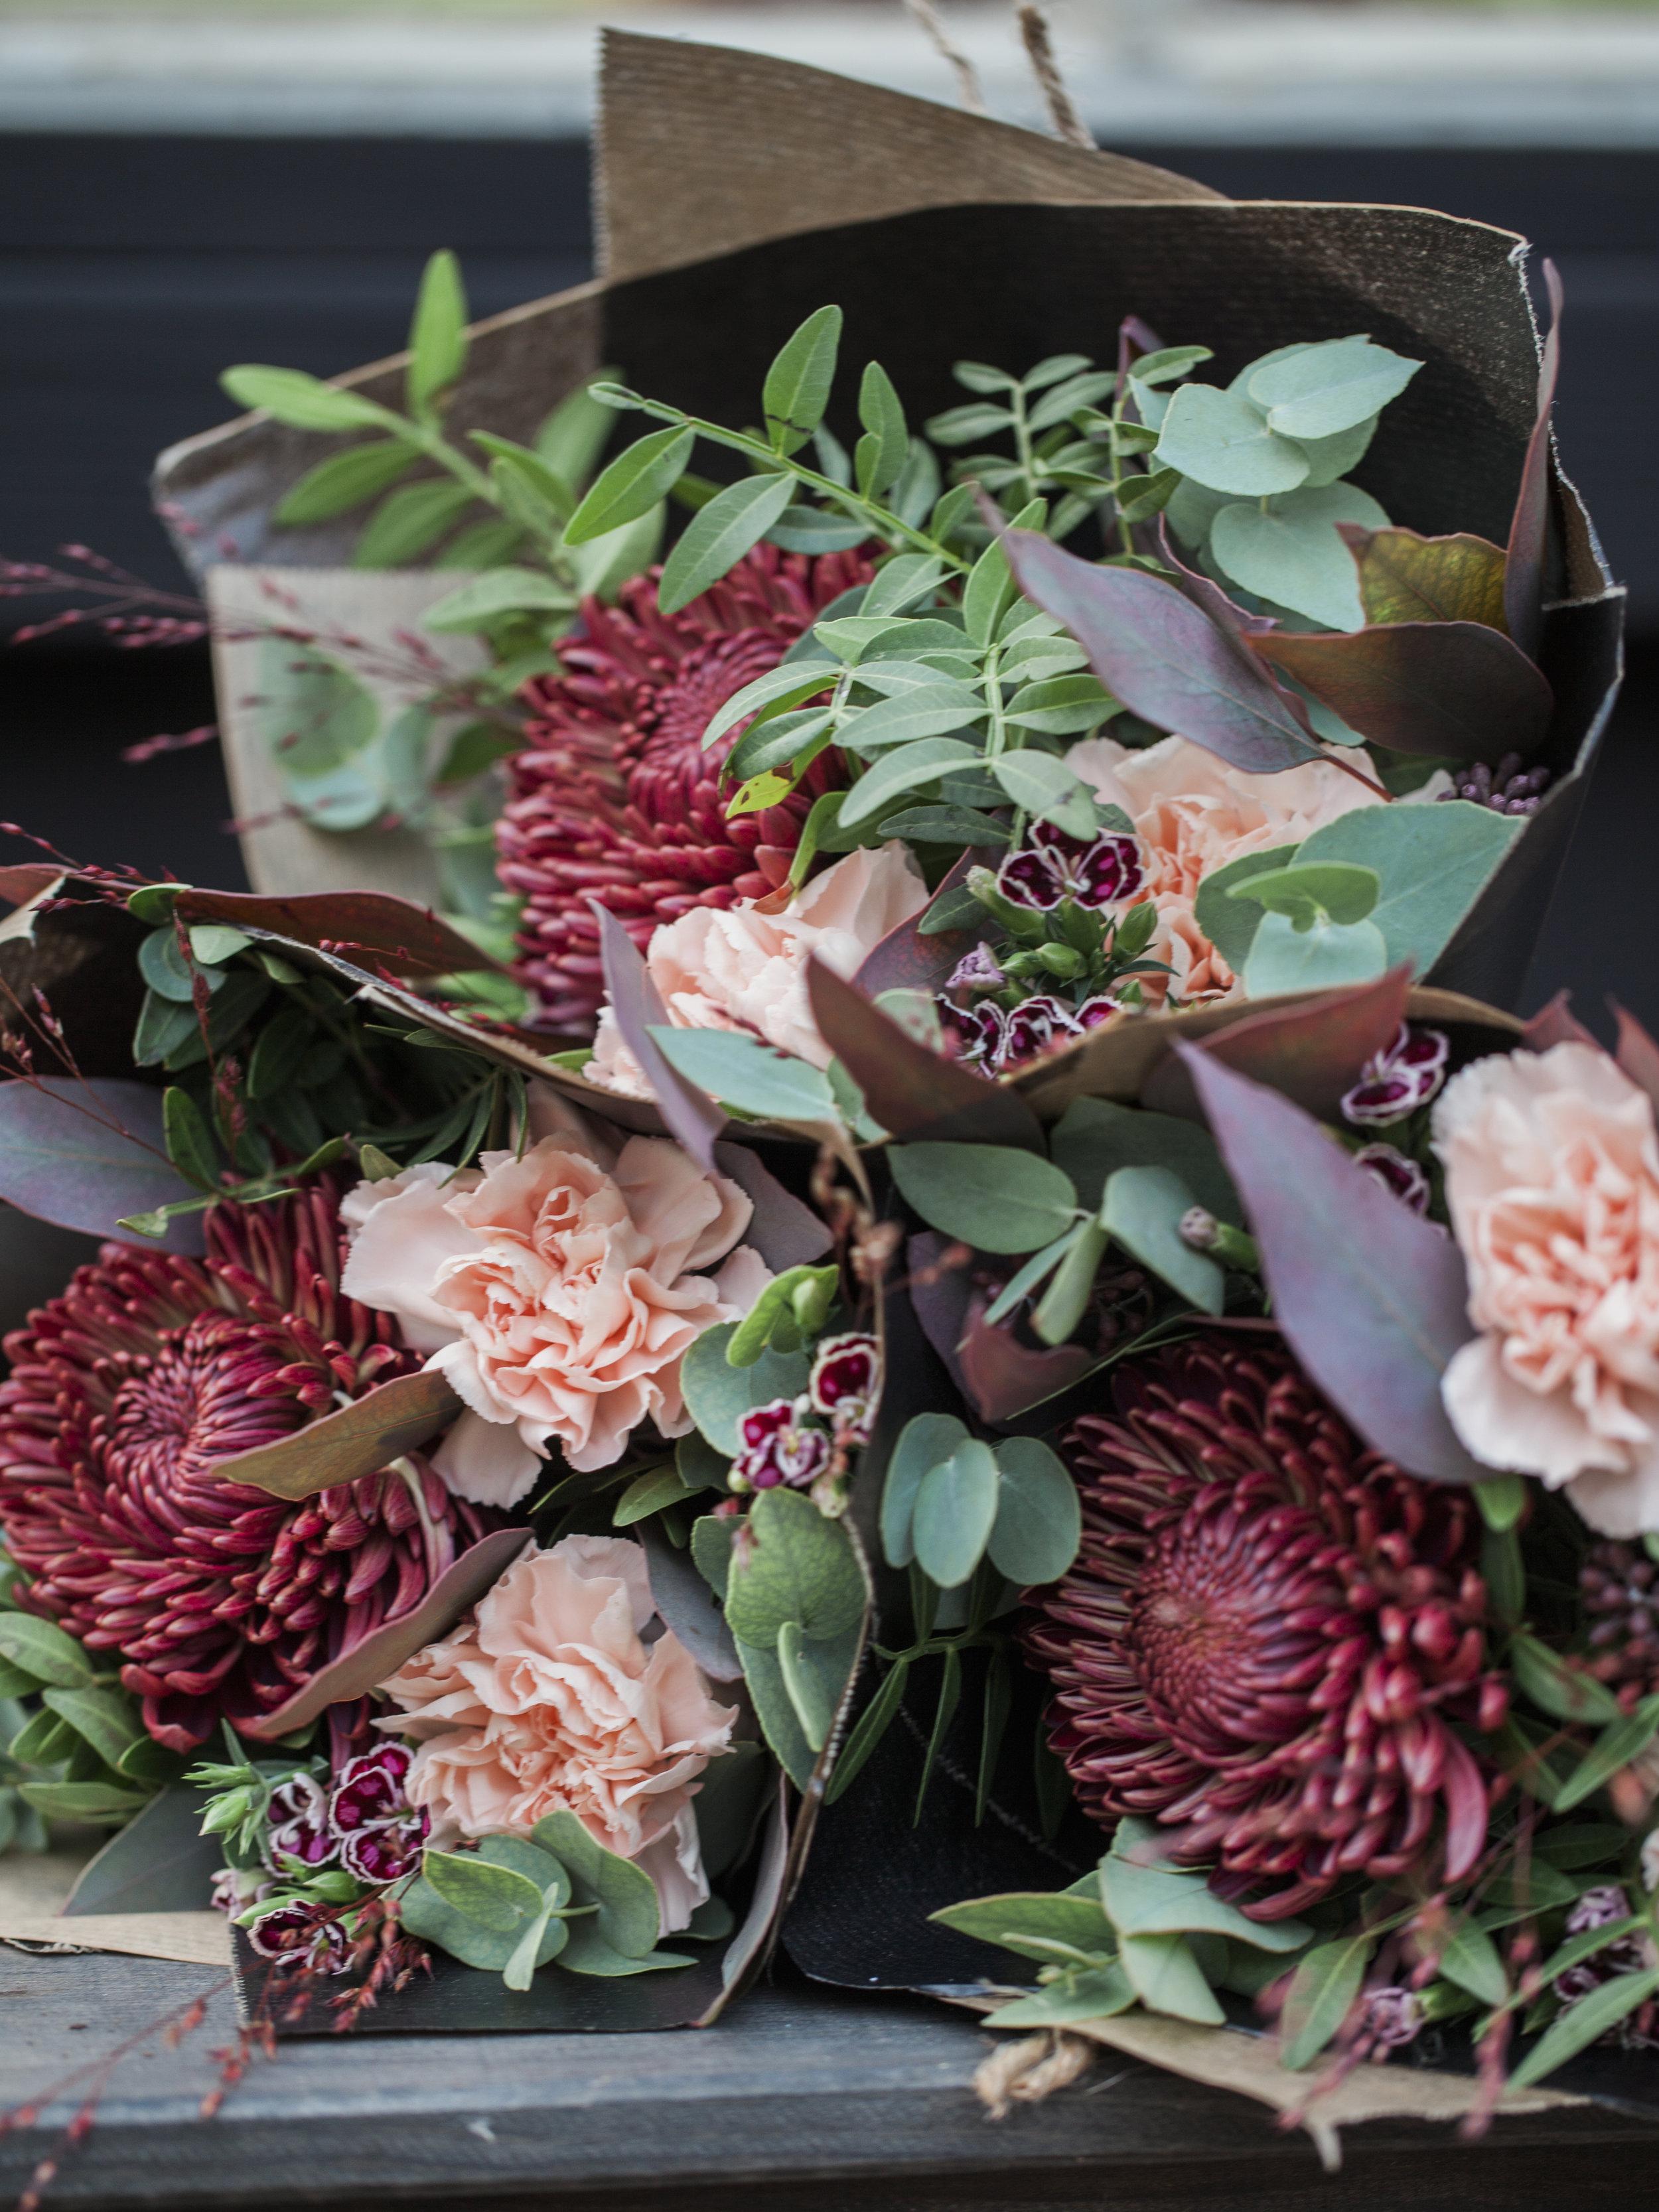 SNITTBLOMMOR   Hos oss hittar ni färdiga helgbuketter och vaser dekorerade med blommor till bra priser. Vi tar emot beställningar på större buketter, bröllop och begravningar.   Beställ bukett→